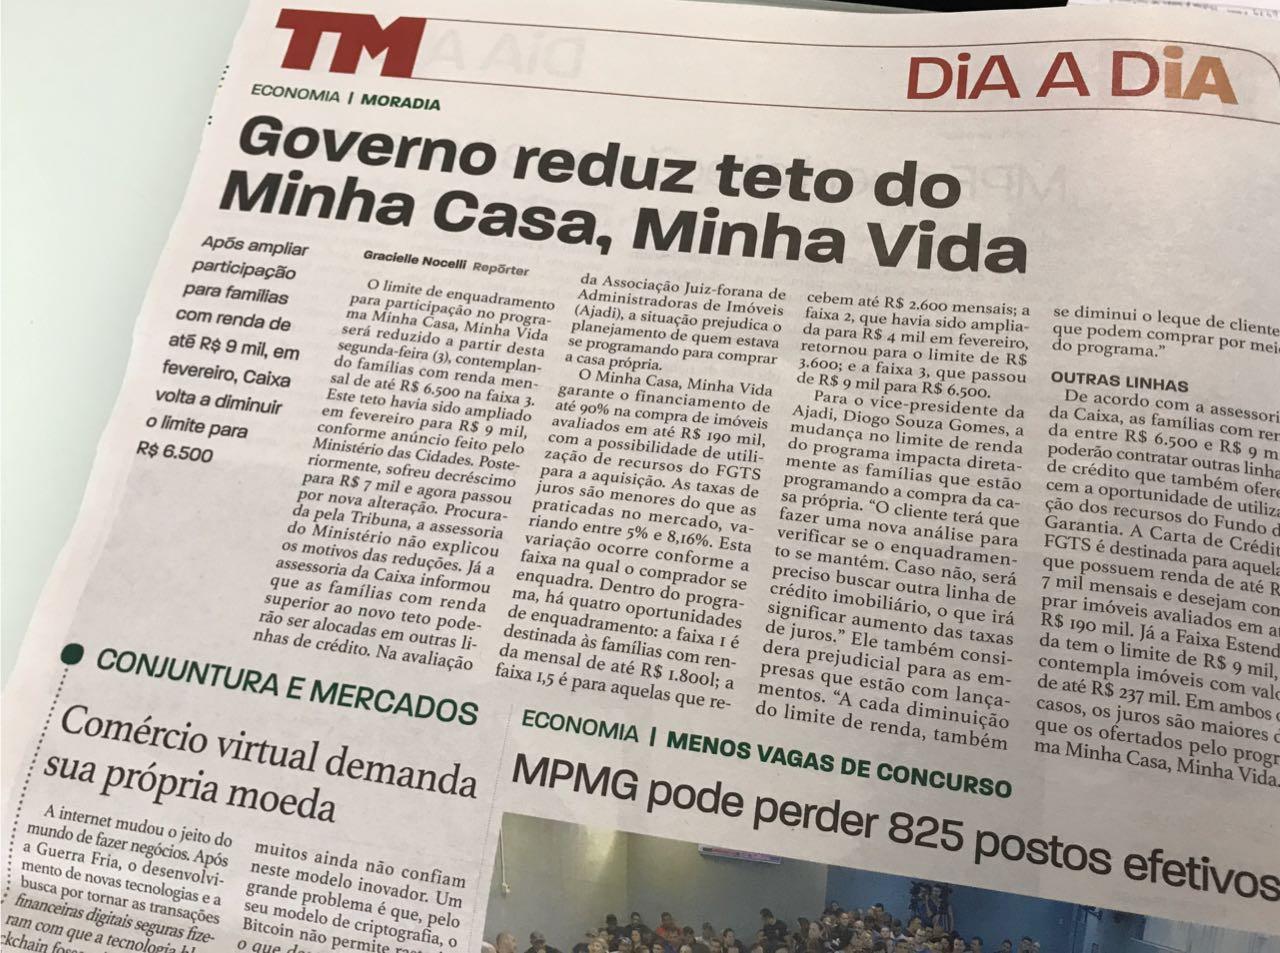 Governo reduz teto de renda do MCMV